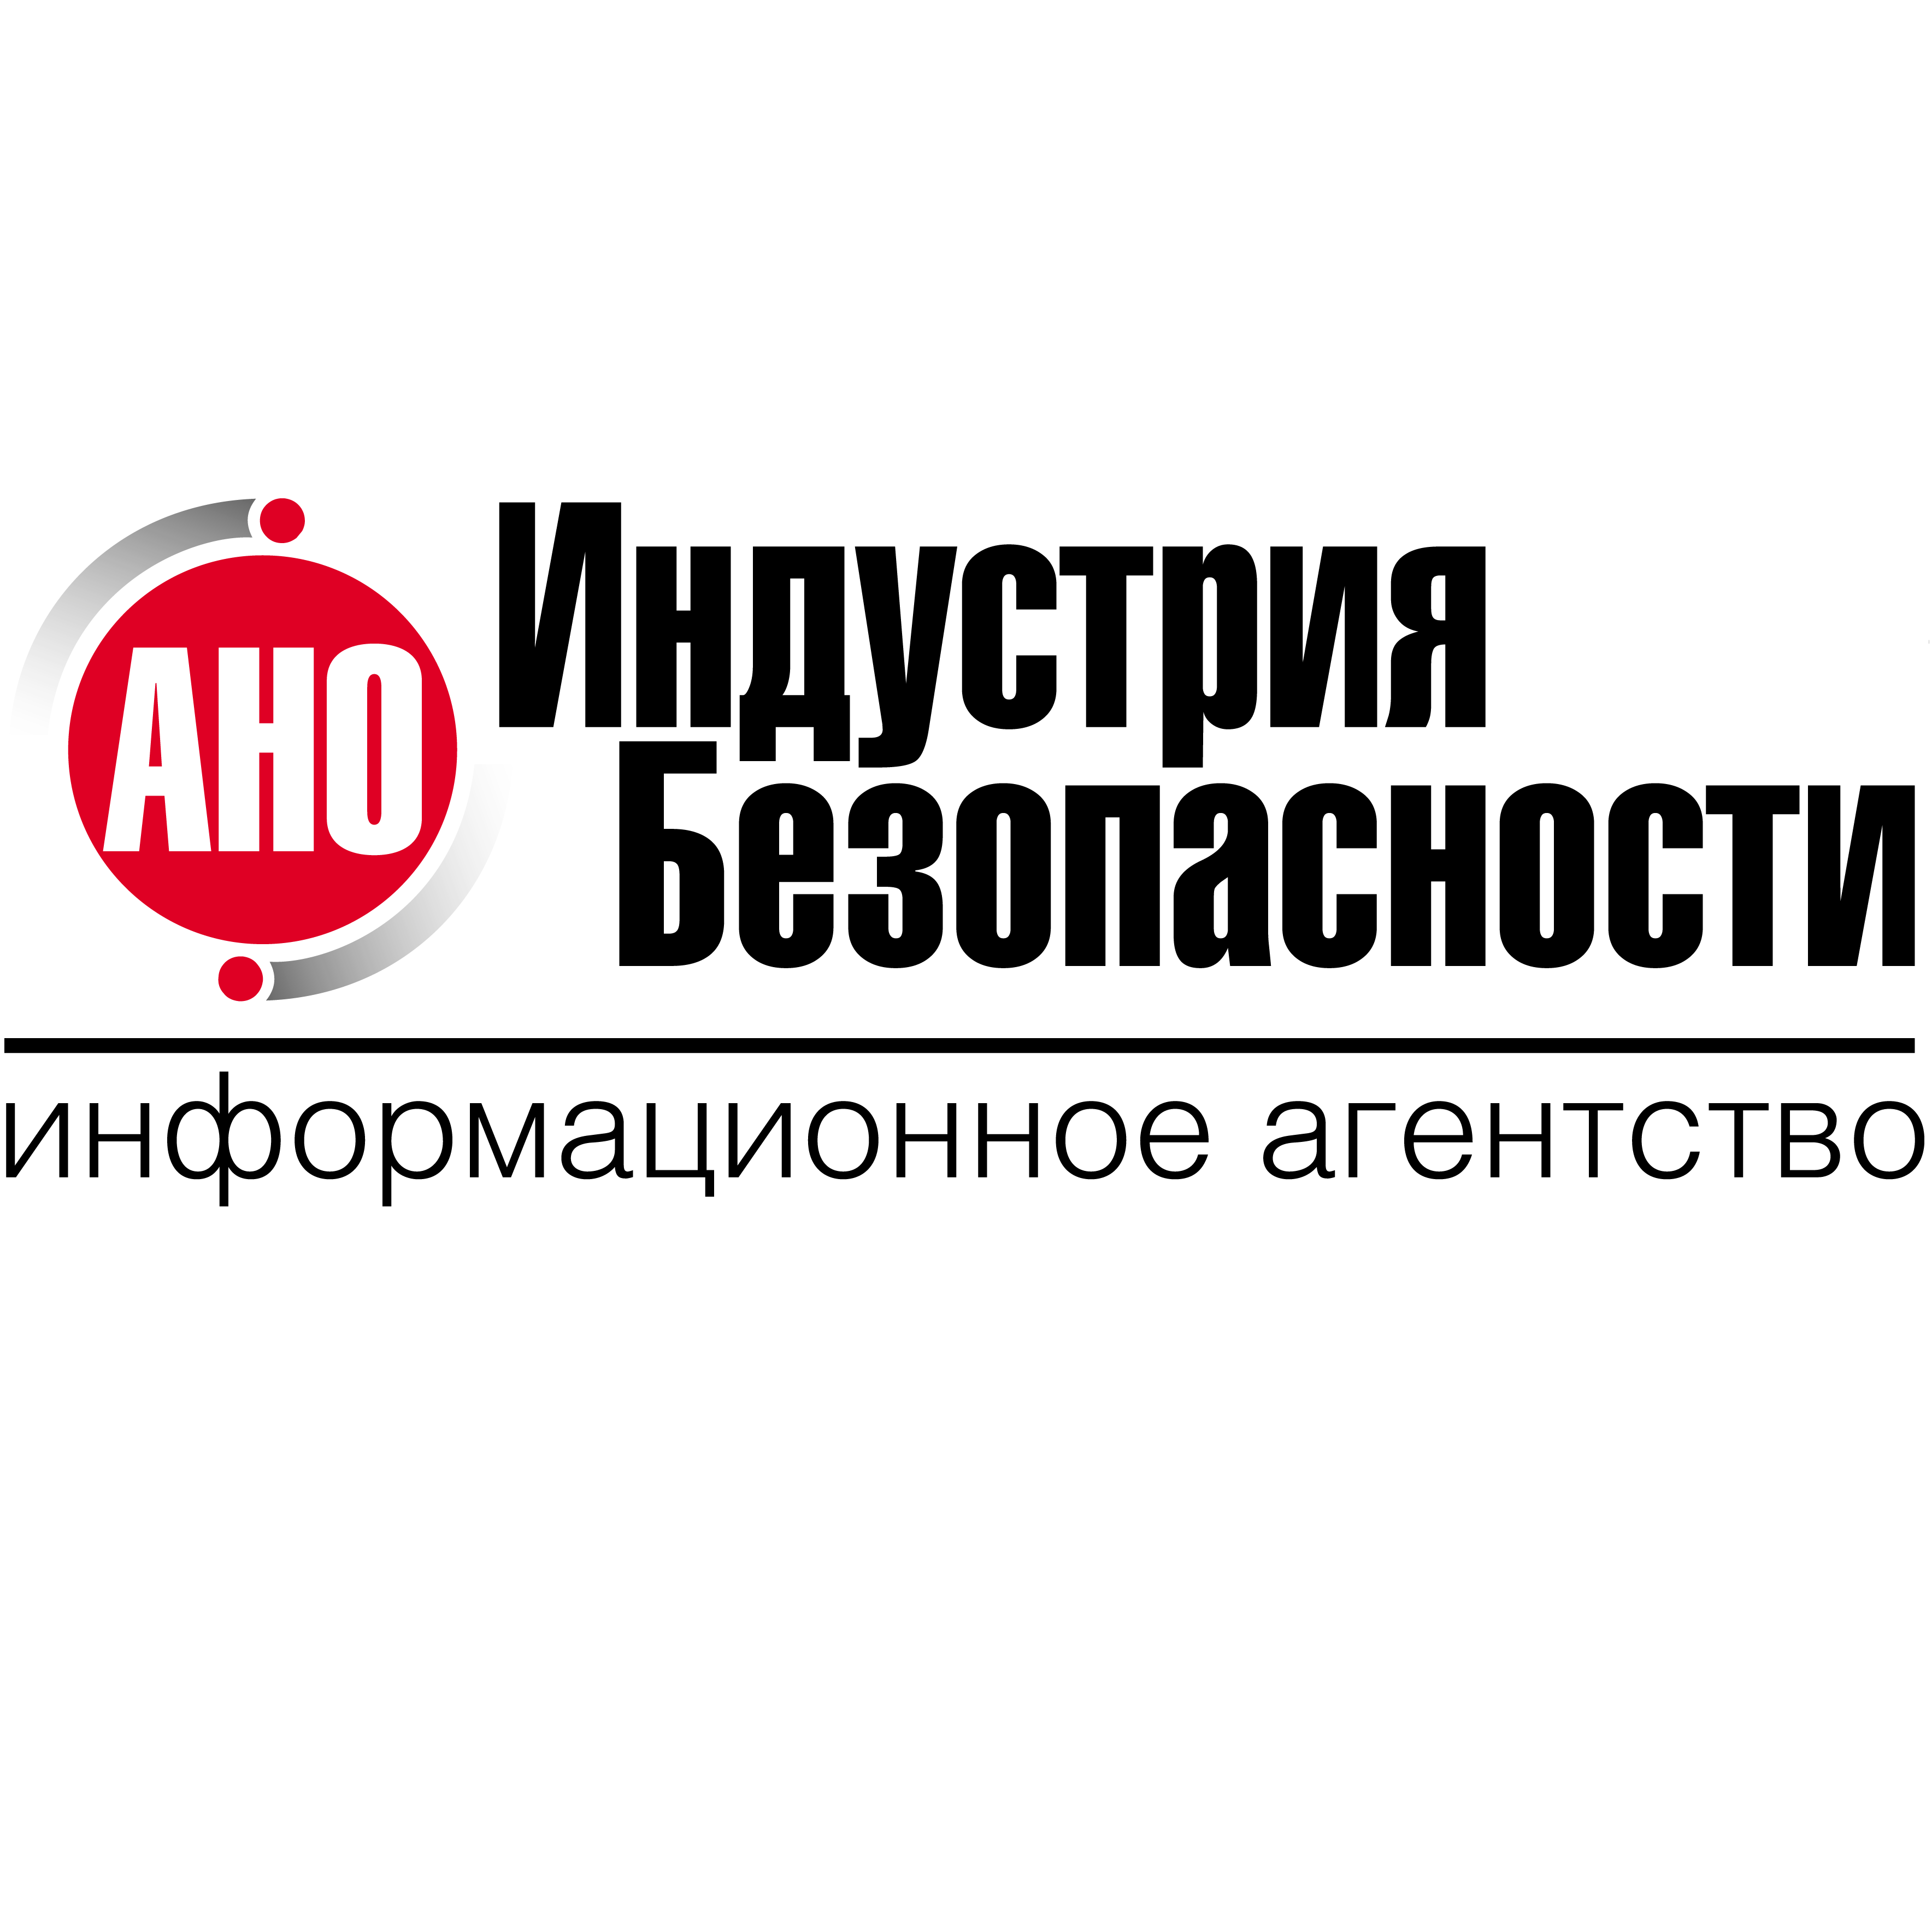 АНО «Индустрия безопасности»